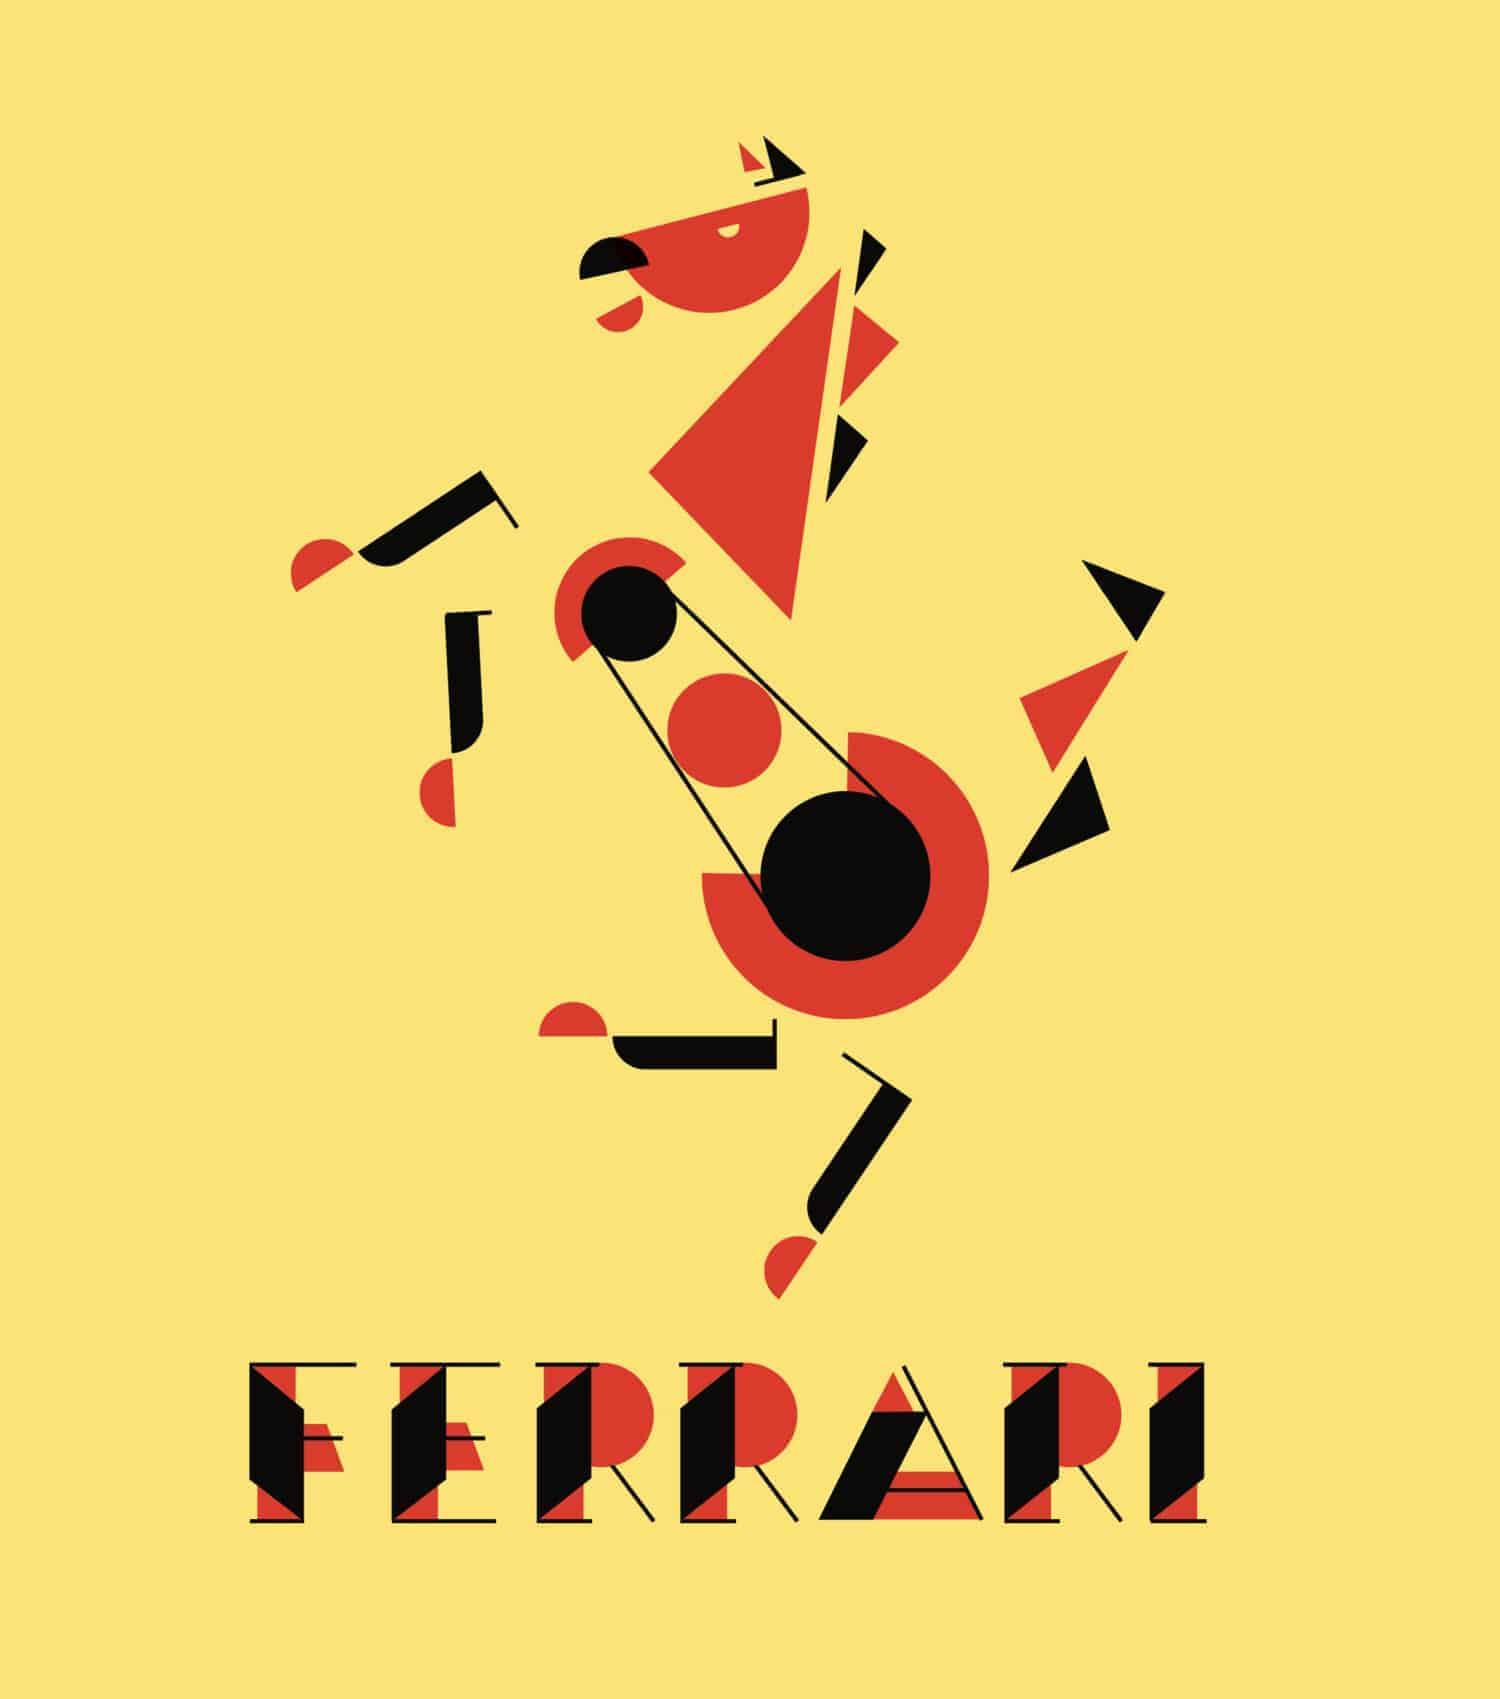 Logo in de stijl van Bauhaus